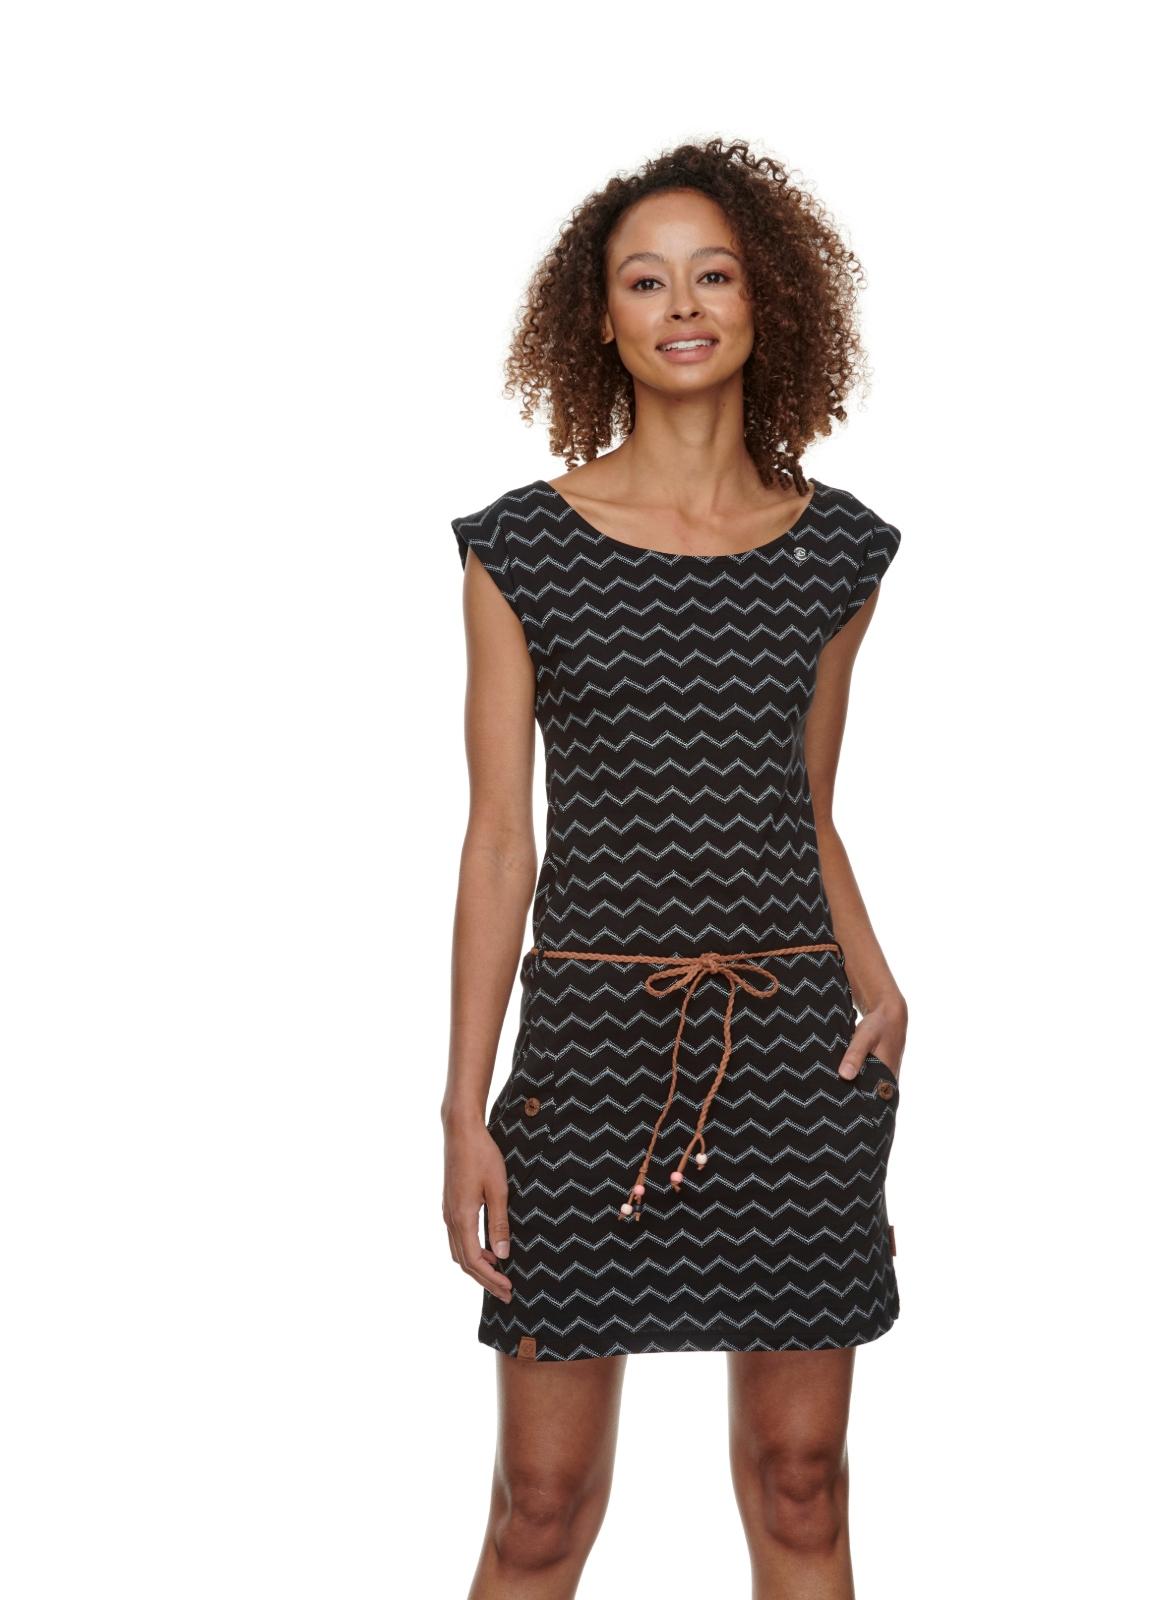 Ragwear Damen Kleid Tag Chevron schwarz weiß gemustert 2111 20016 1010 black